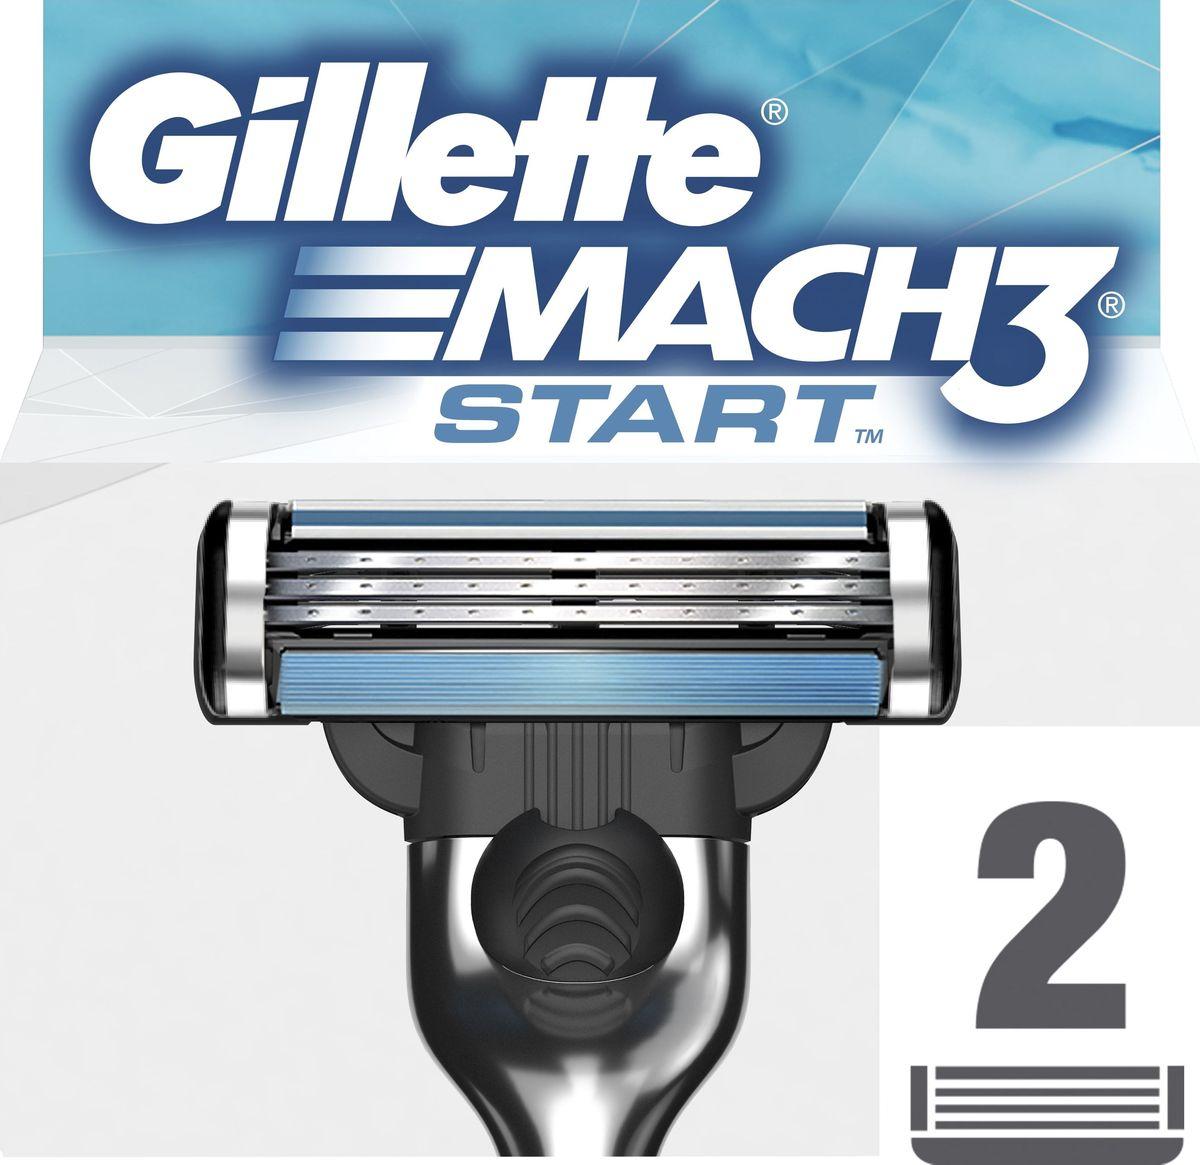 Gillette Mach 3 Start Сменные кассеты для бритвы, 2 штMAG-81651732Сменные кассеты для мужской бритвы Gillette Mach 3 Start обеспечивают гладкое бритье без покраснения кожи, а ощущения даже при 10-м их использовании лучше, чем при бритье новой одноразовой бритвой (по сравнению с одноразовой бритвой Gillette BlueII Plus). Каждая сменная кассета оснащена 3 лезвиями DuraComfort, обеспечивающими длительный комфорт, а гелевая полоска скользит по коже, предотвращая ее покраснение. Эти сменные кассеты для бритвы Mach 3 Start подходят к любой бритве Mach 3.Features and Benefits Больший комфорт даже при 10-й процедуре бритья (по сравнению с одноразовой бритвой Gillette BlueII Plus)Обеспечивает гладкое бритье и требует в два раза меньшего давления на лезвие (по сравнению с одноразовой бритвой Gillette BlueII Plus) Гелевая полоска скользит по коже, предотвращая ее покраснение Подходит к любым бритвам серии Mach 3